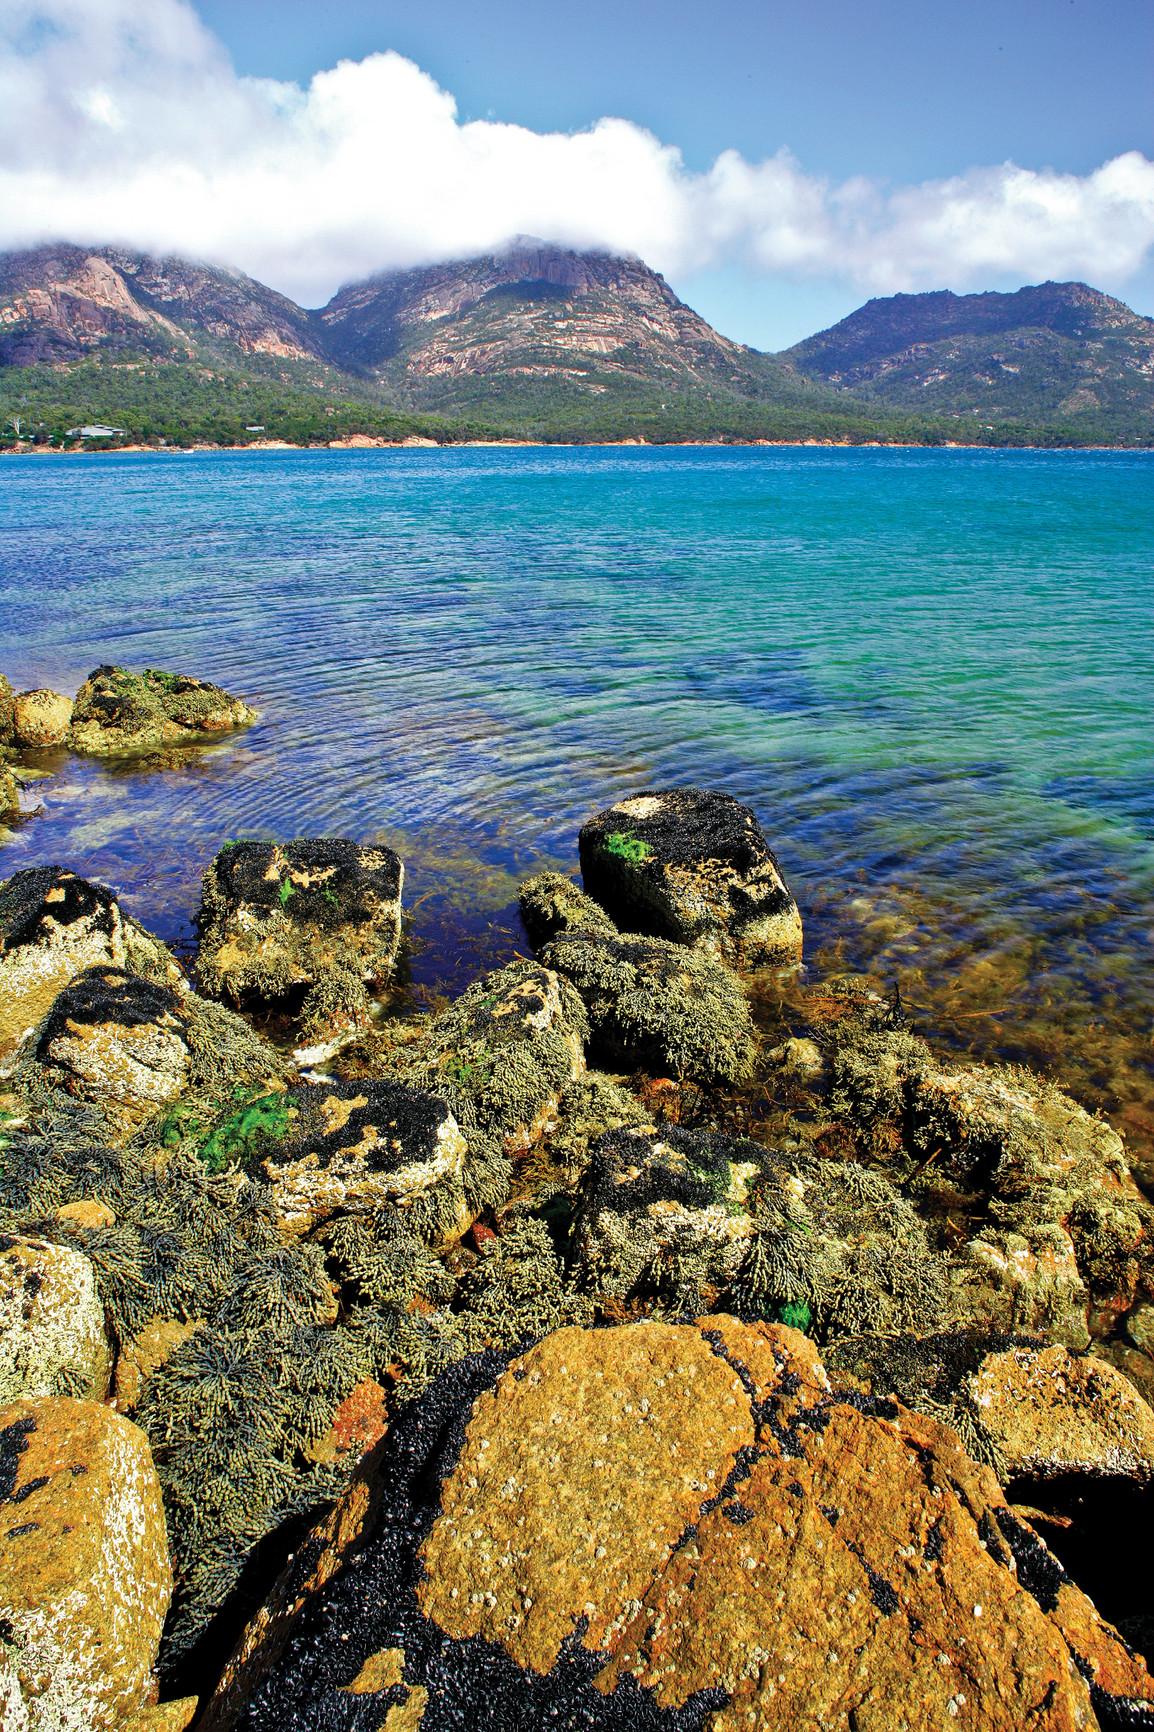 Freycinet 3 Day Walk Tasmania Australia